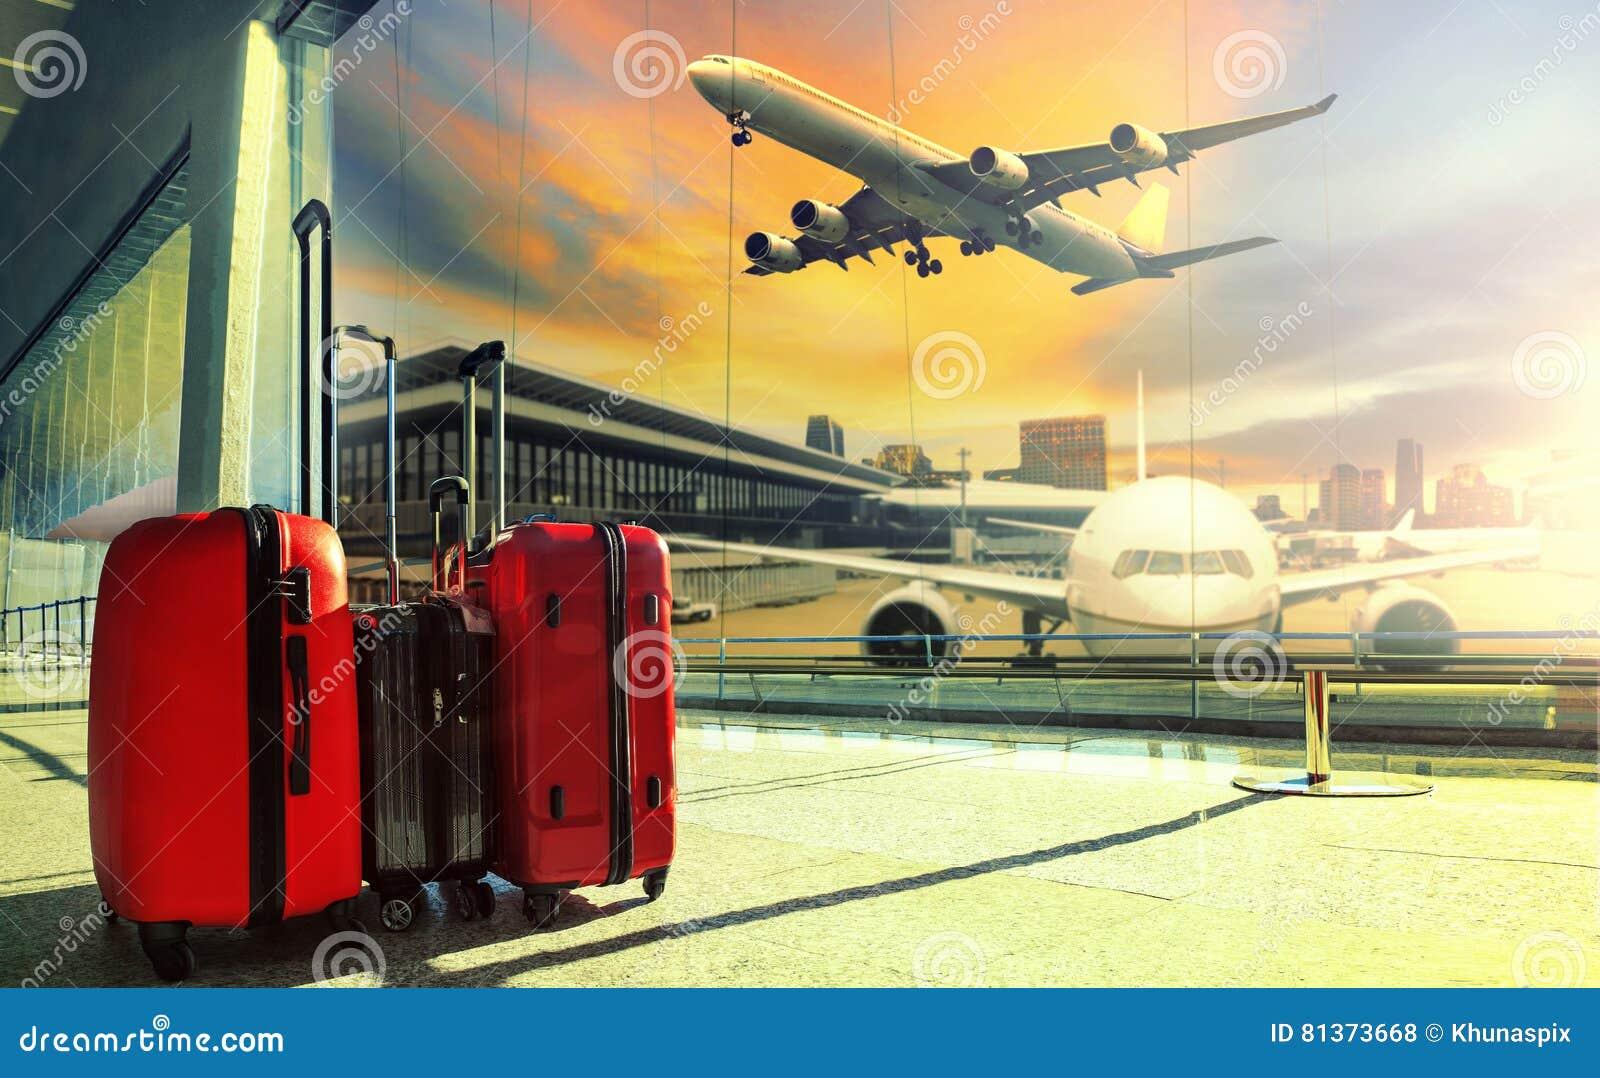 Resande bagage i slutlig byggnad för flygplats och jeten flyger